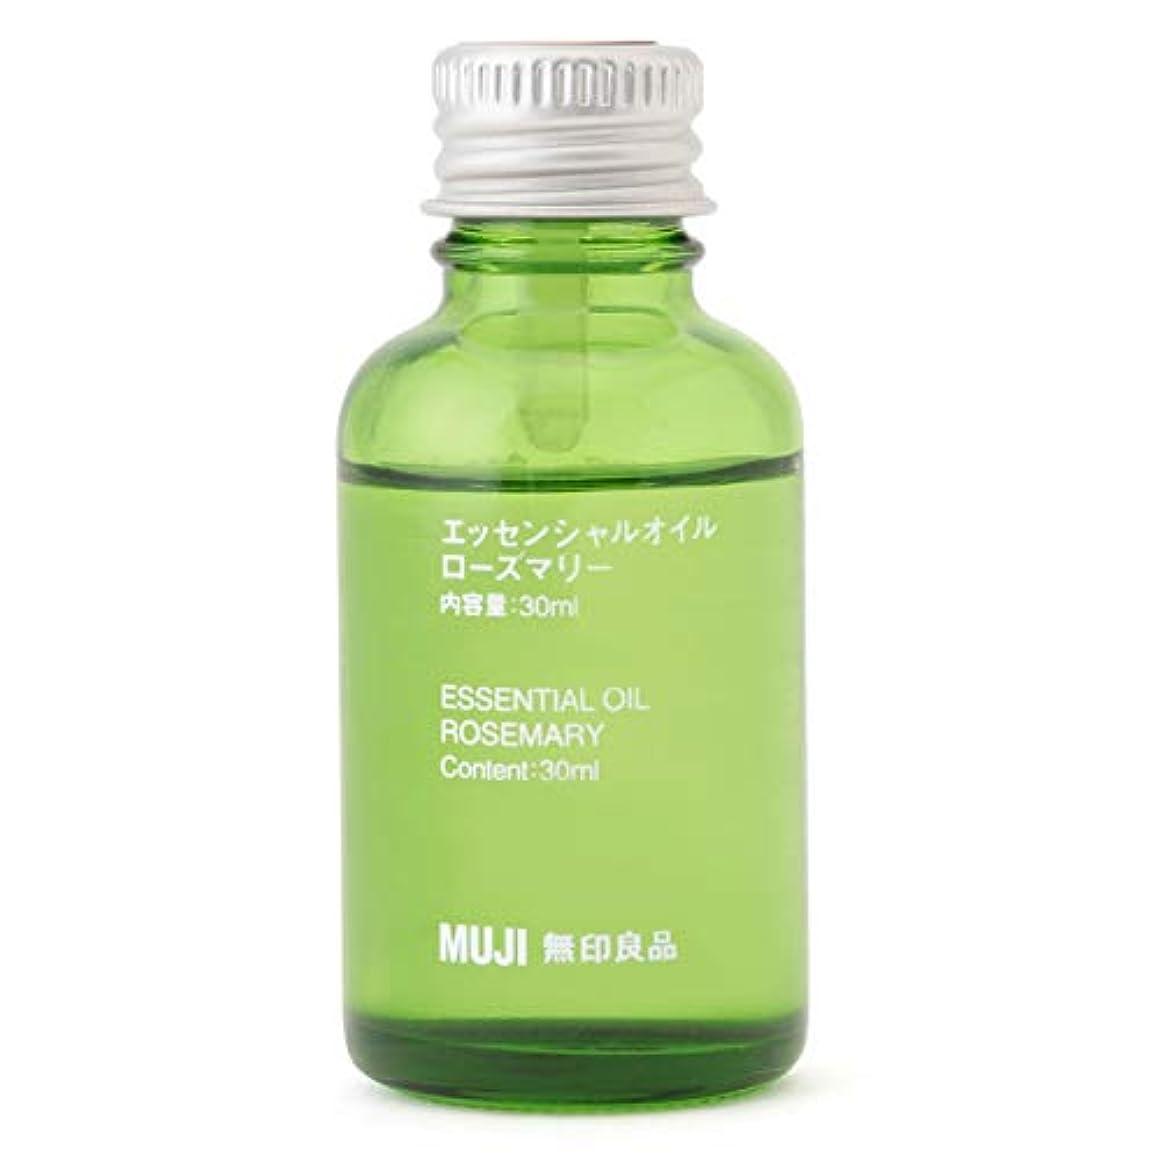 れるガイダンスフォーマット【無印良品】エッセンシャルオイル30ml(ローズマリー)